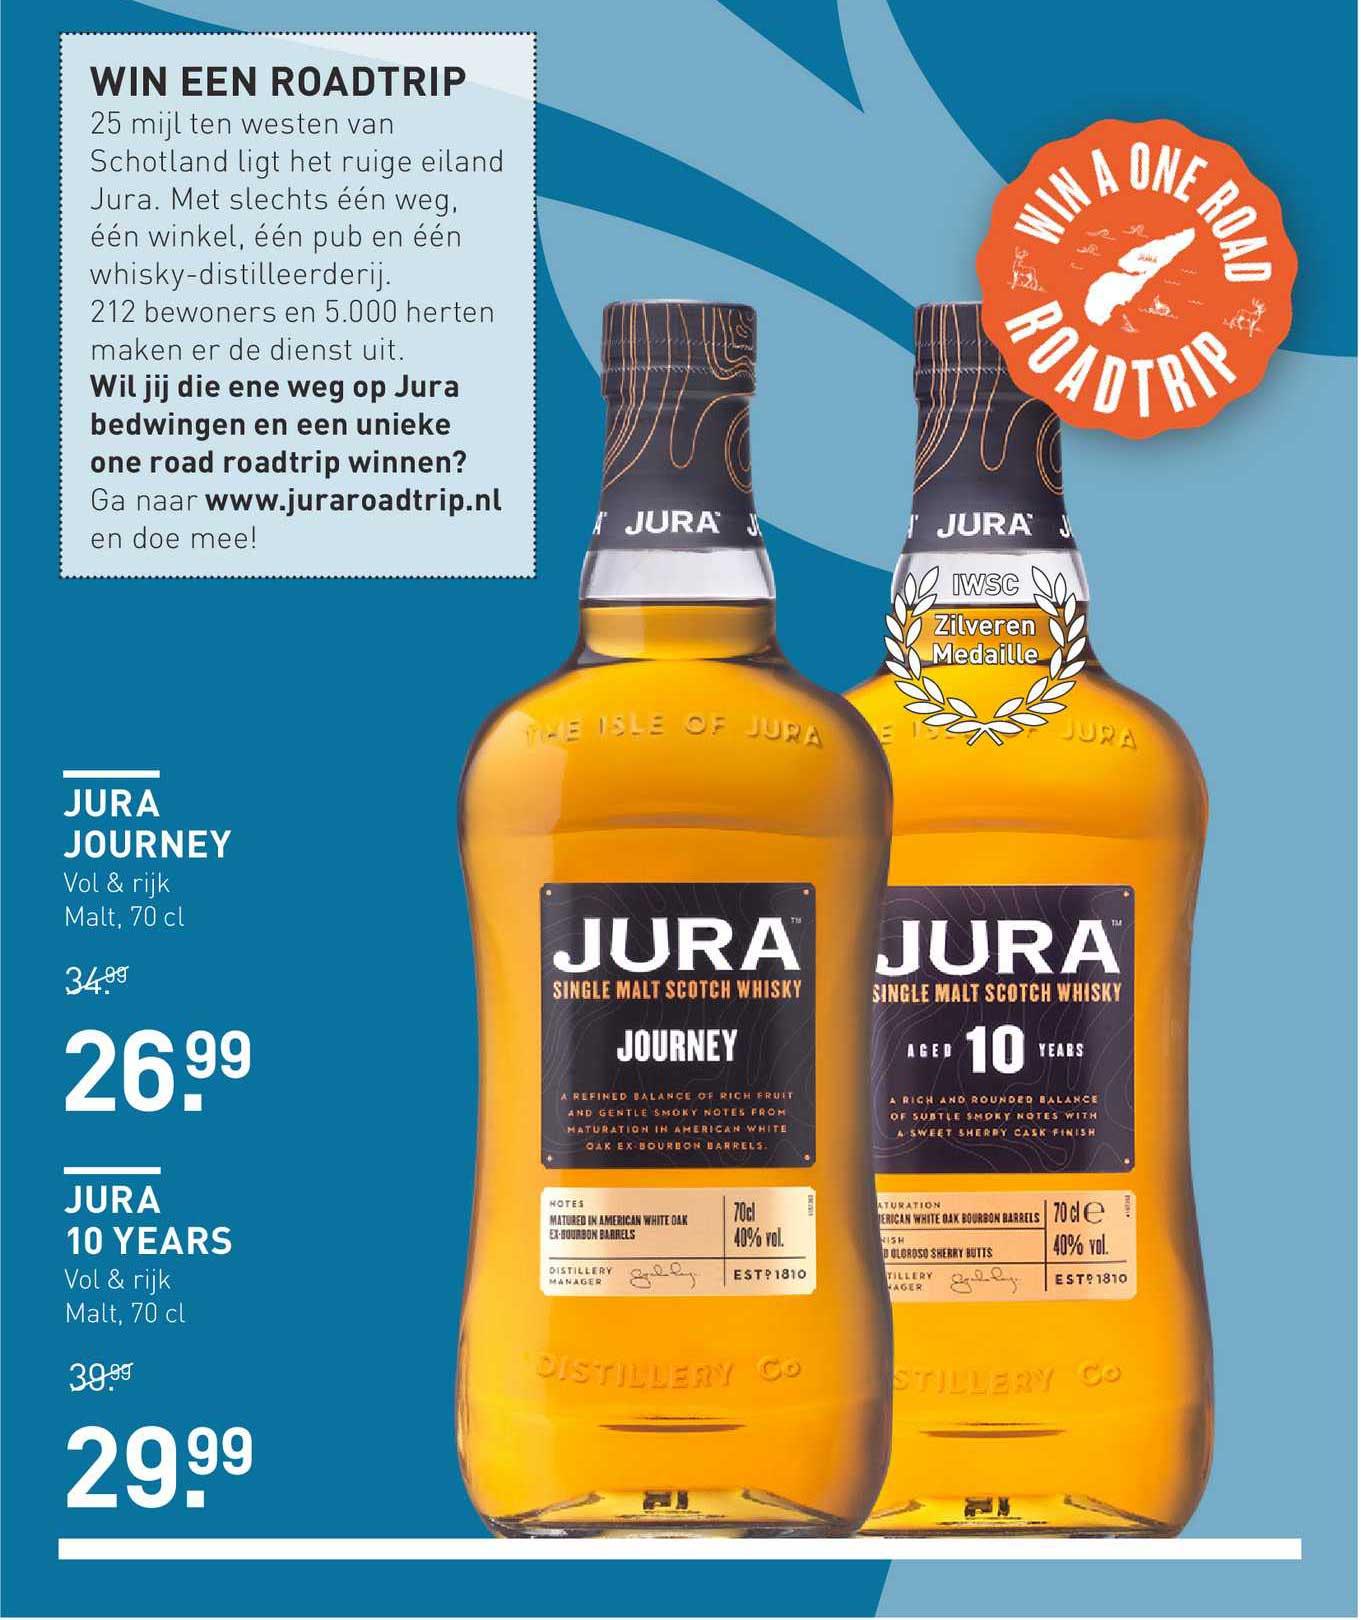 Gall & Gall Jura Journey Of Jura 10 Years